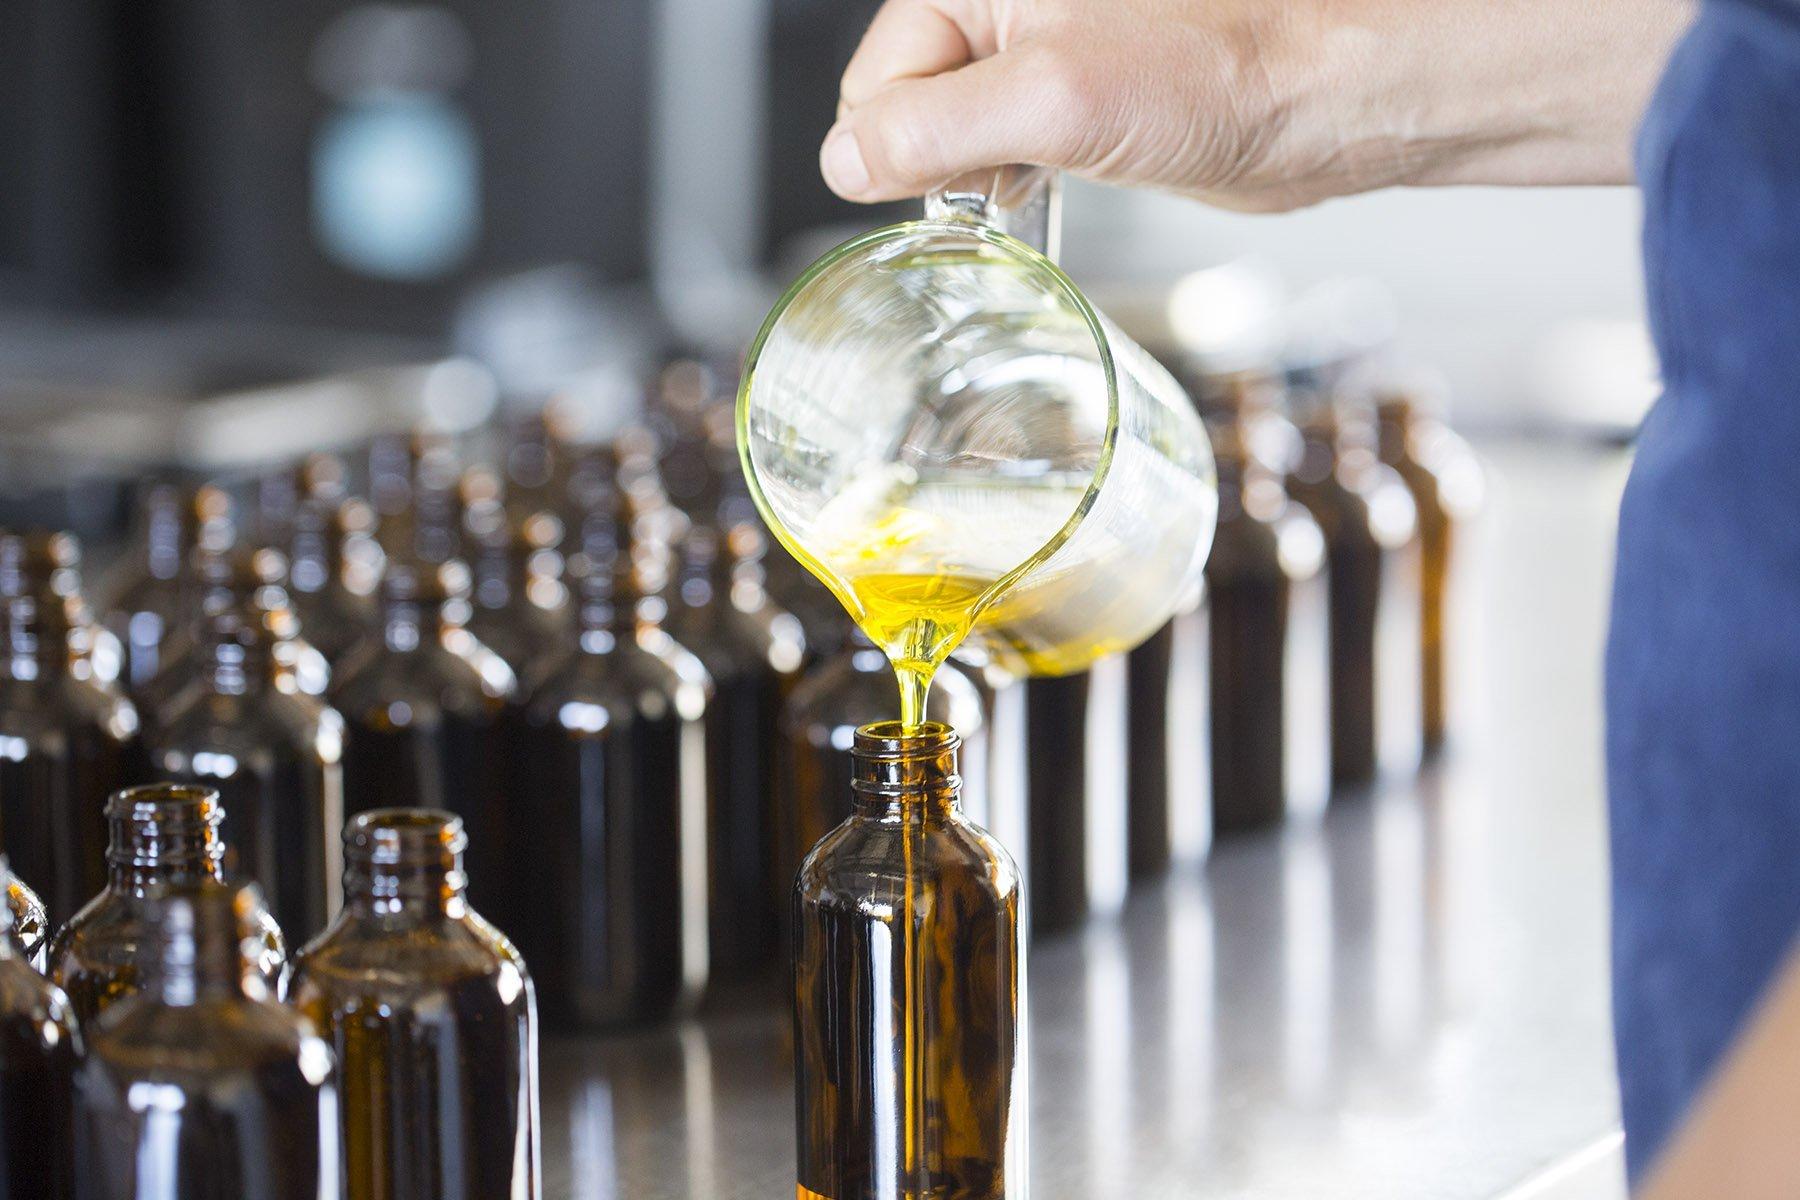 Omcali Ground Body Oil